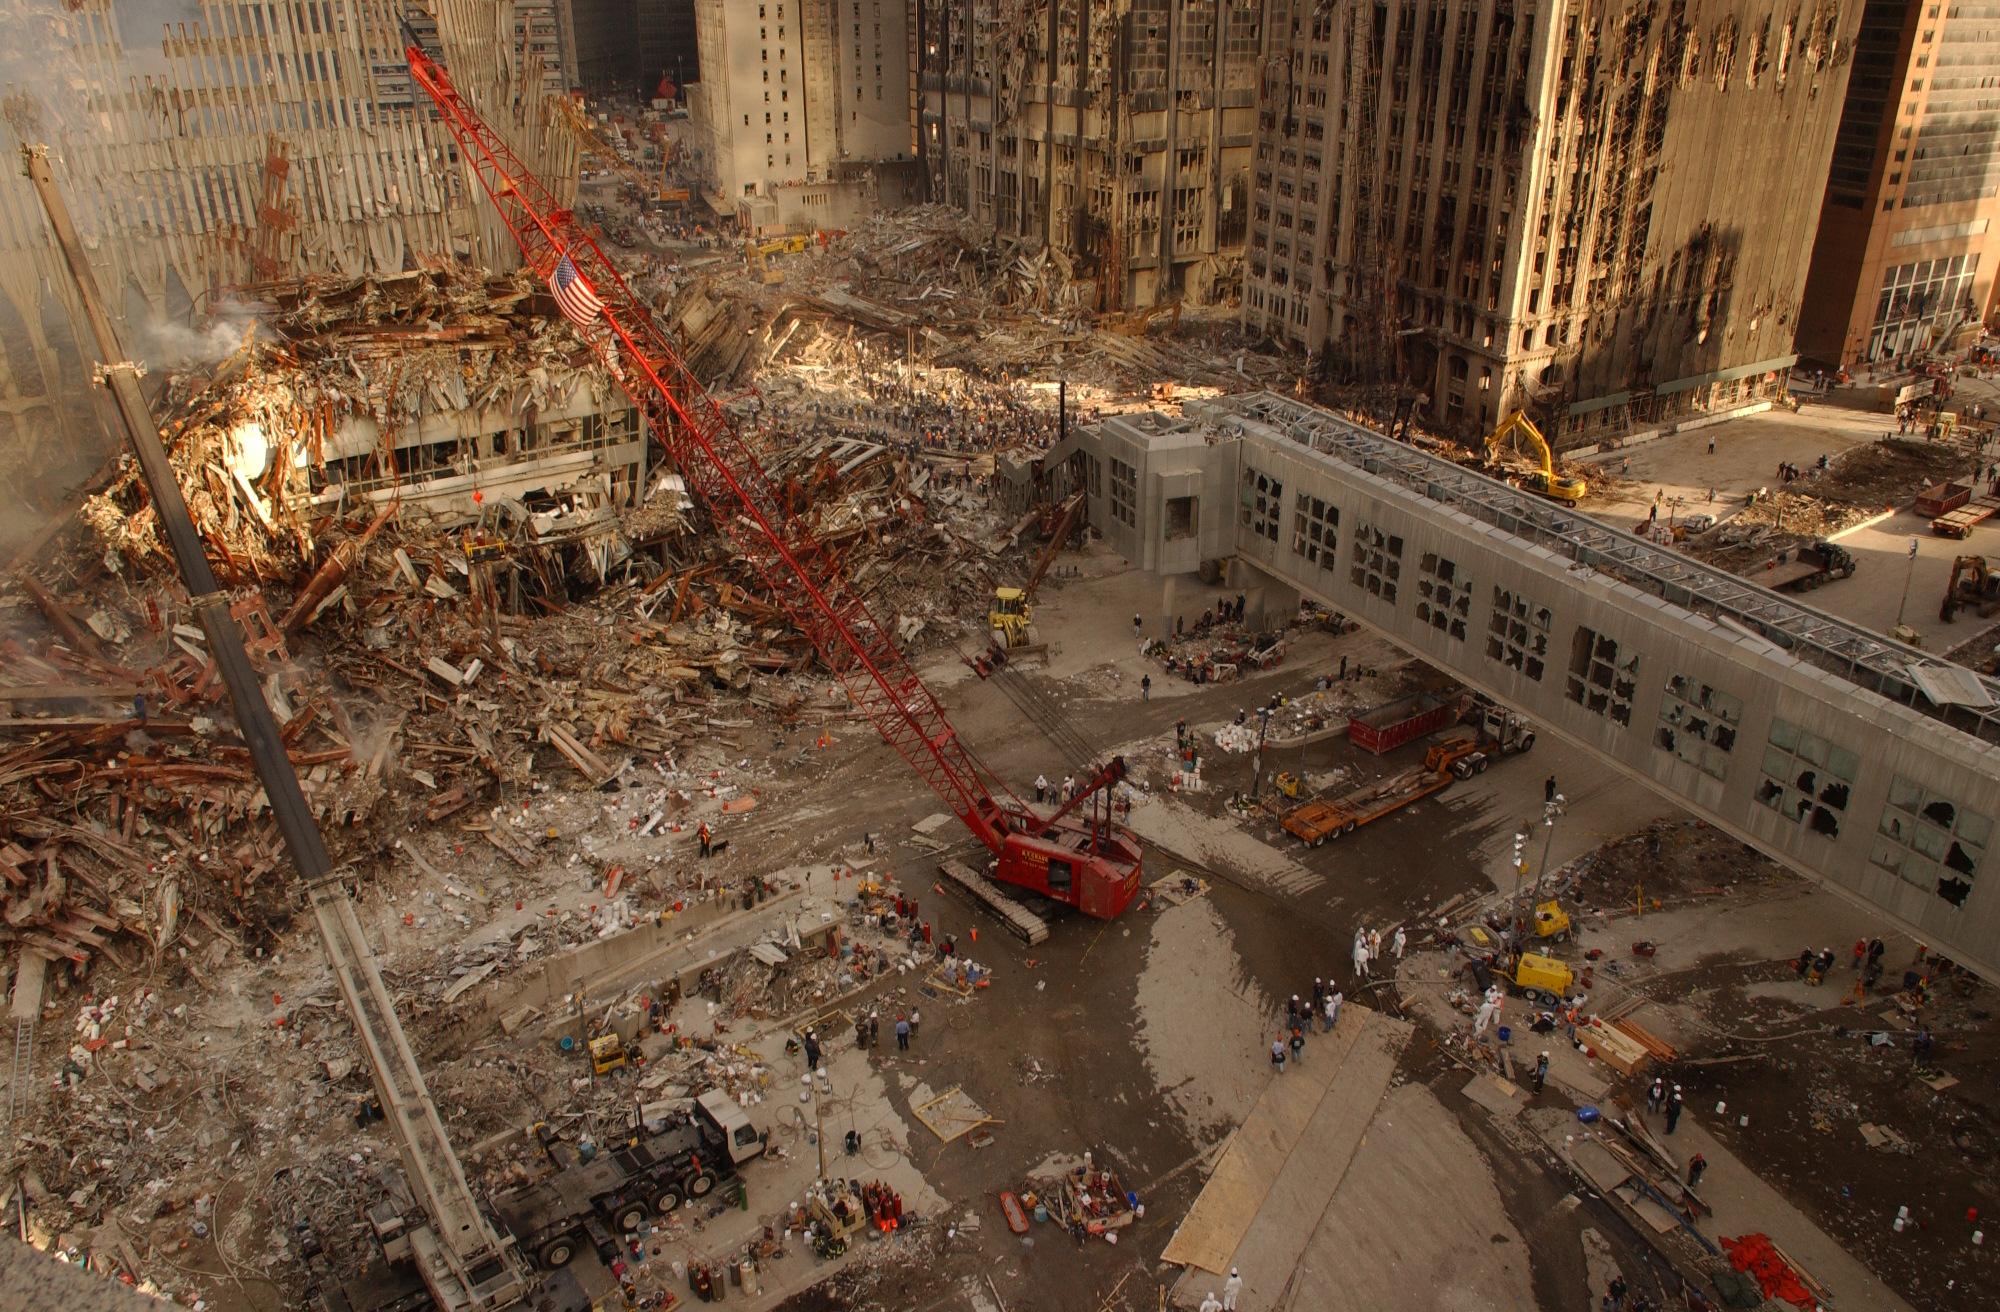 9 11 Ground Zero Damage Overview High Resolution Photos